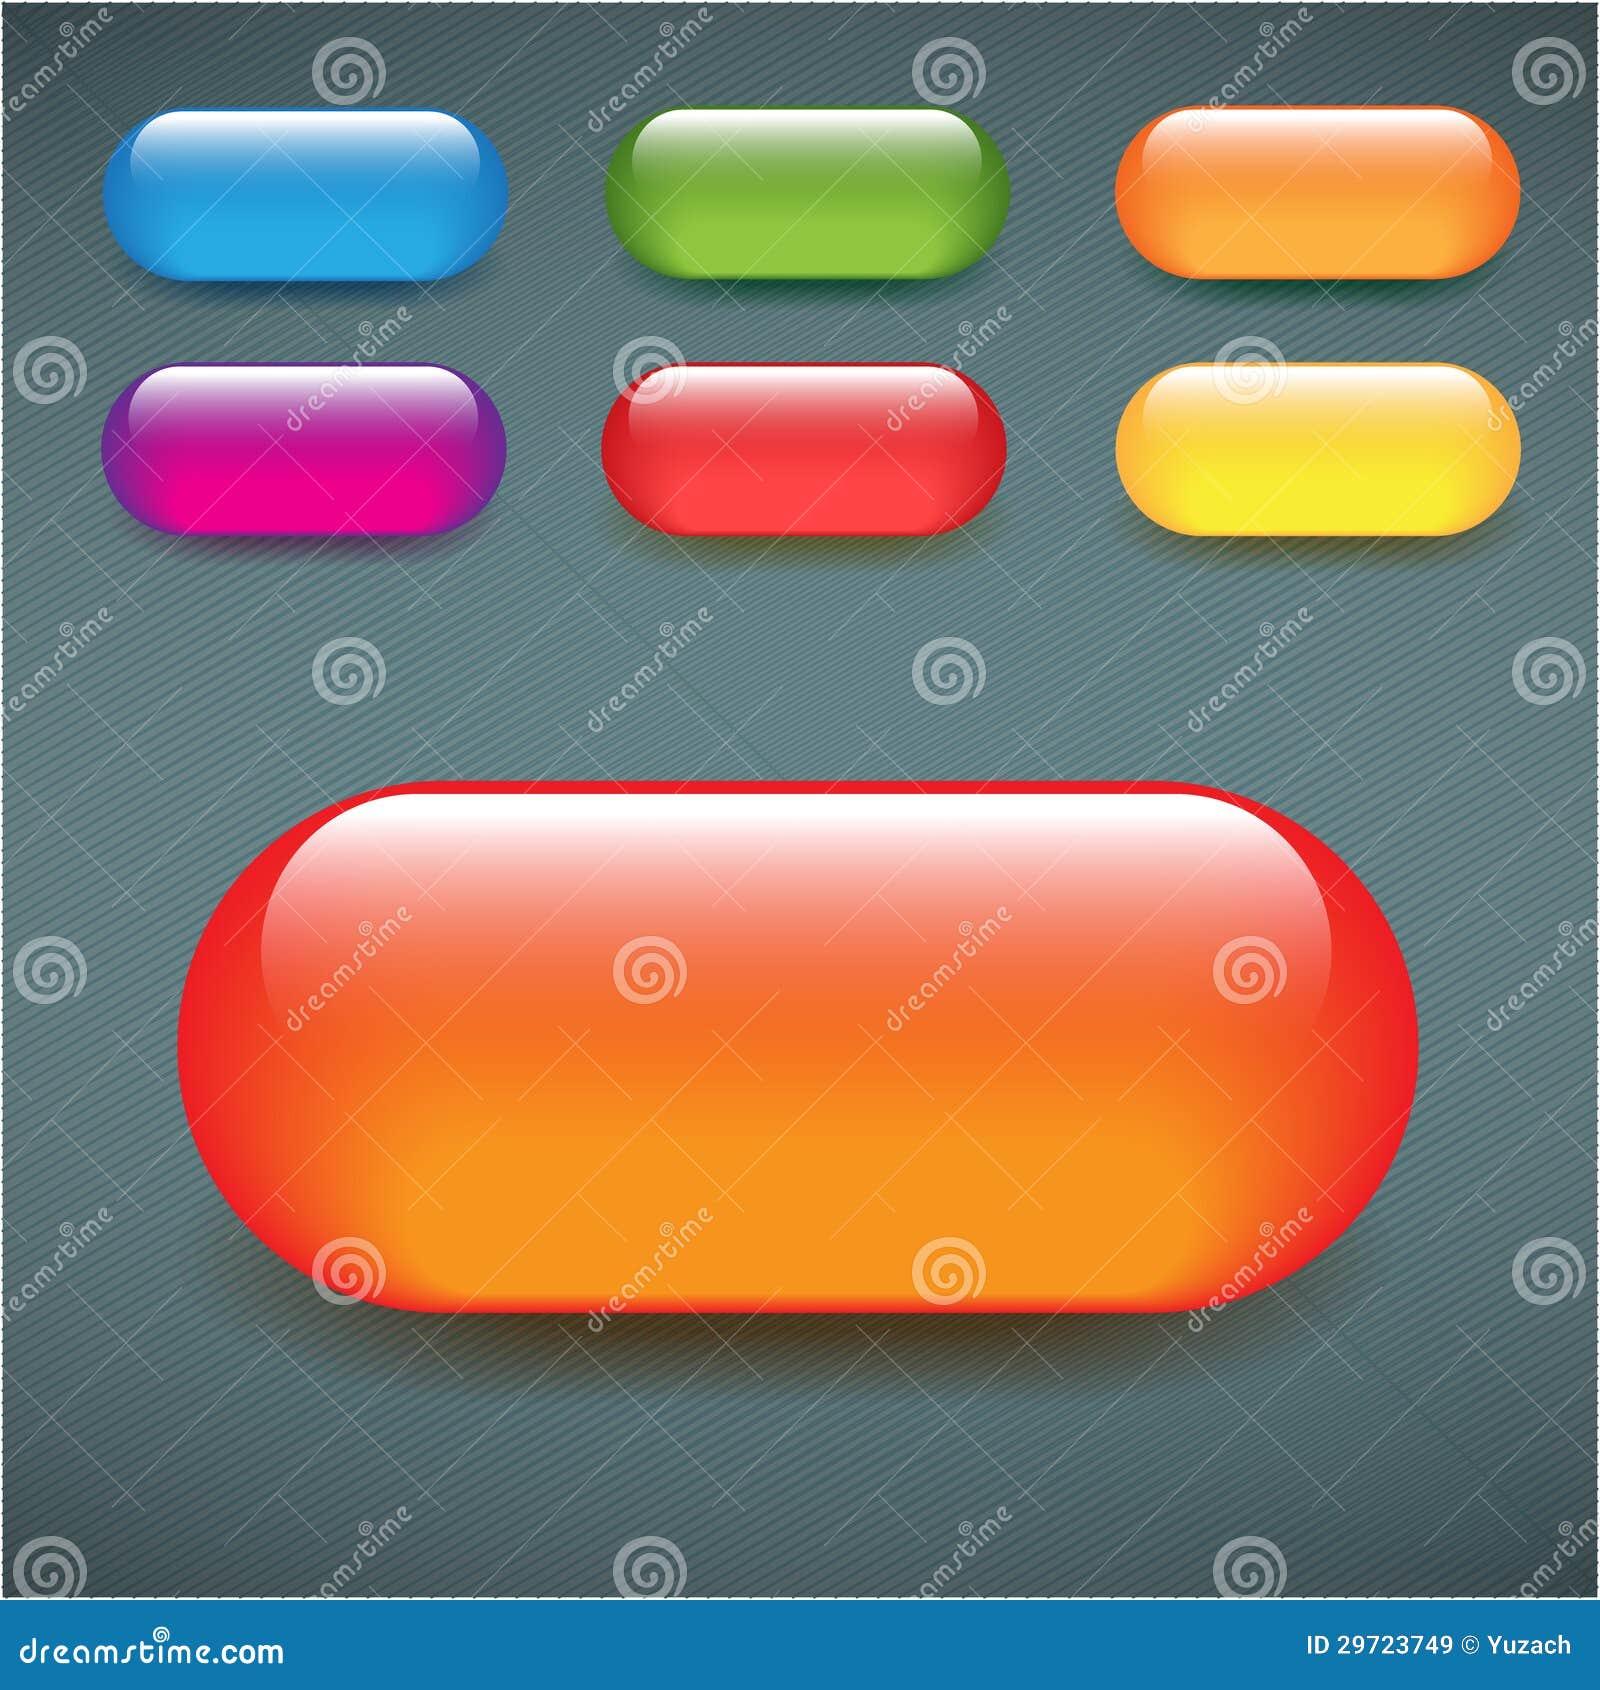 Rectangular blank web buttons glass